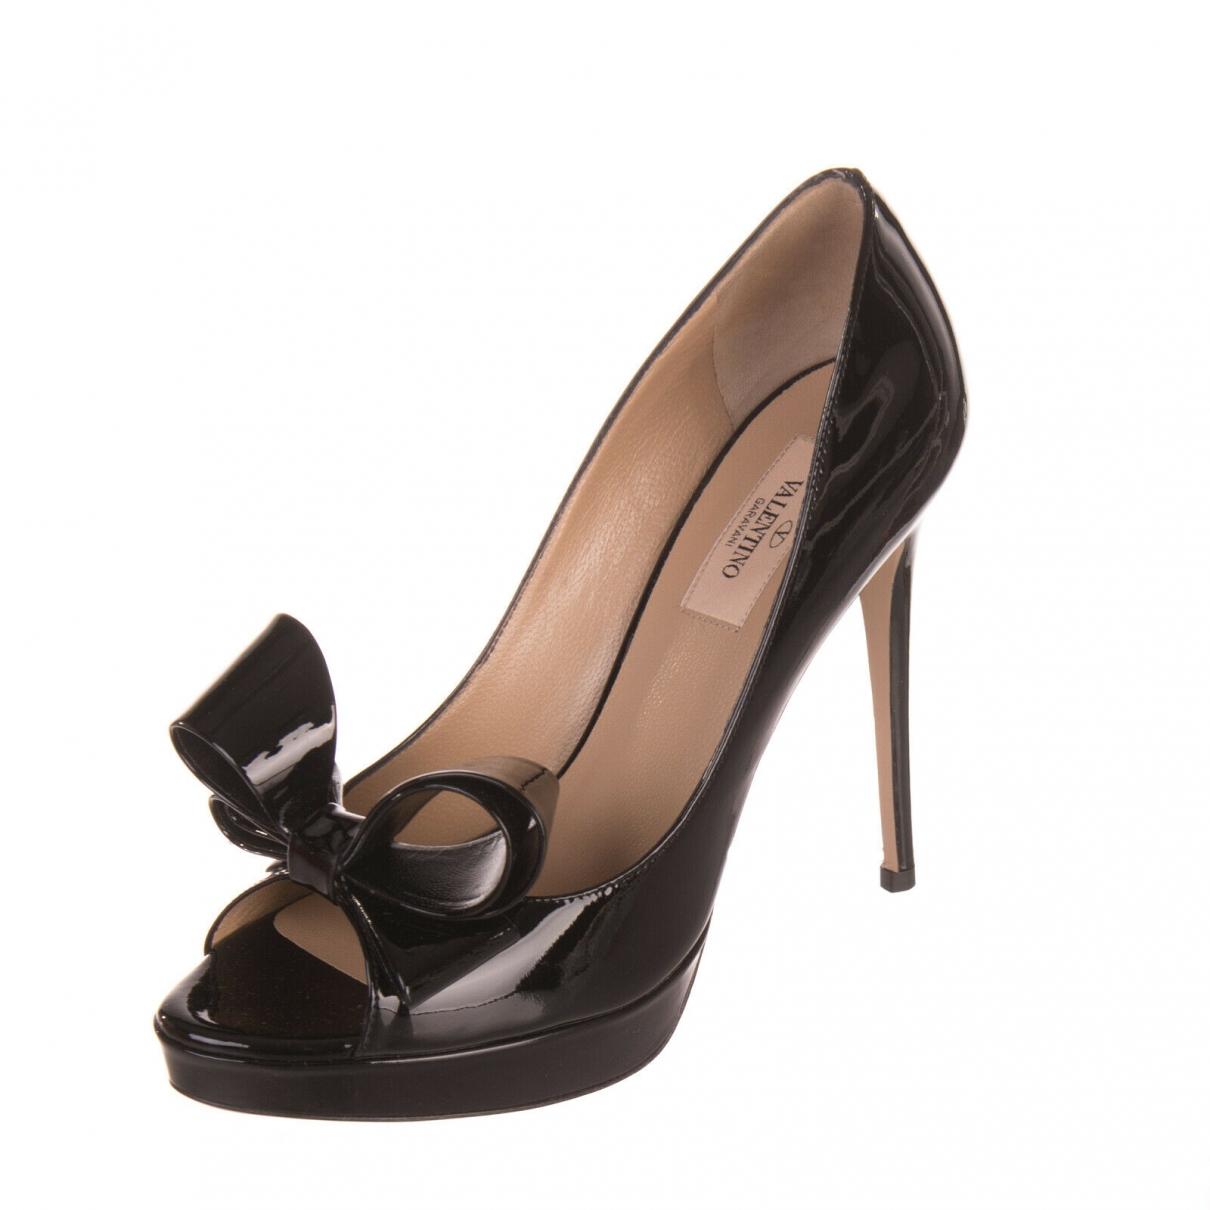 Valentino Garavani - Sandales   pour femme en cuir verni - noir